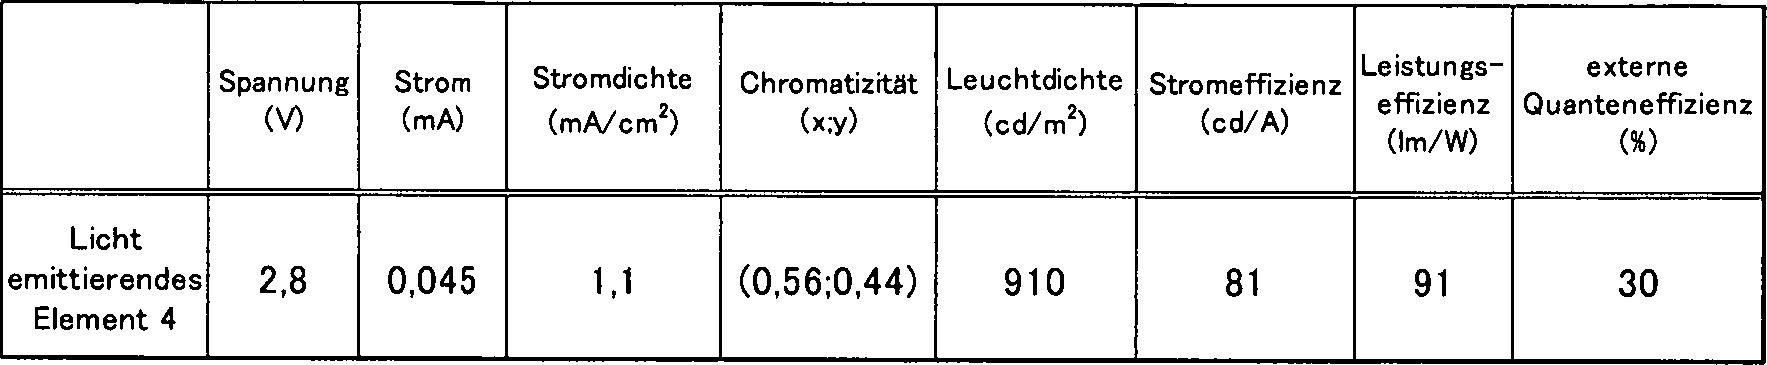 Figure DE102015213426A1_0030